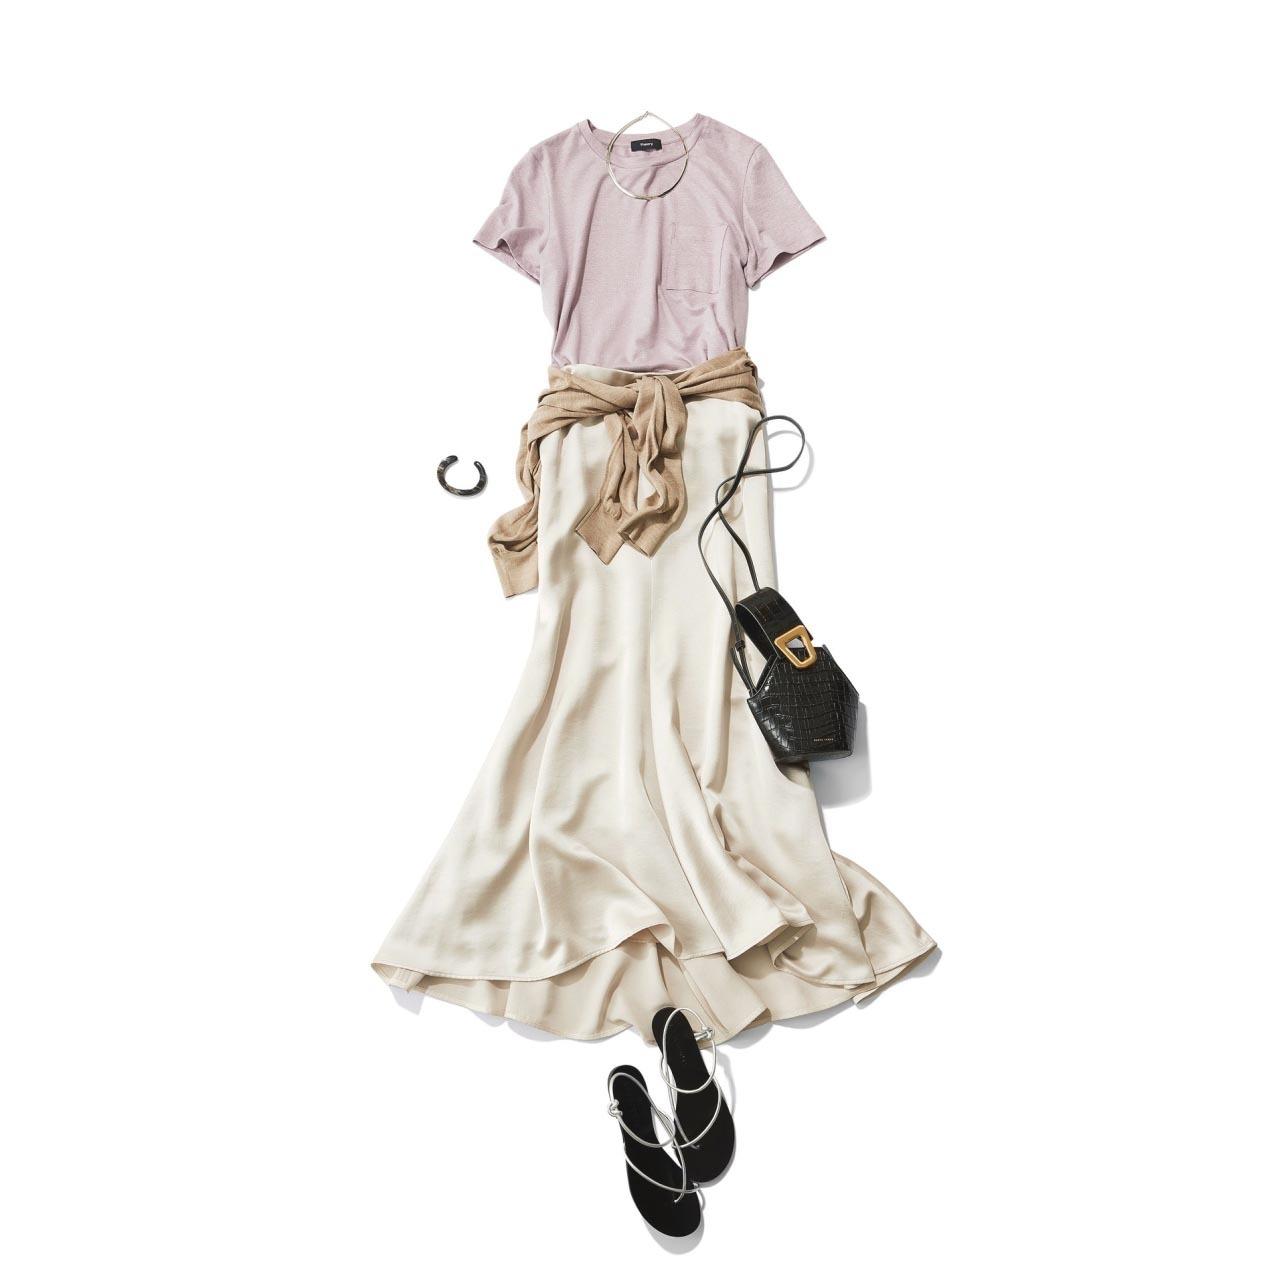 ■ライトなラベンダー色のTシャツ×白のツヤスカートコーデ